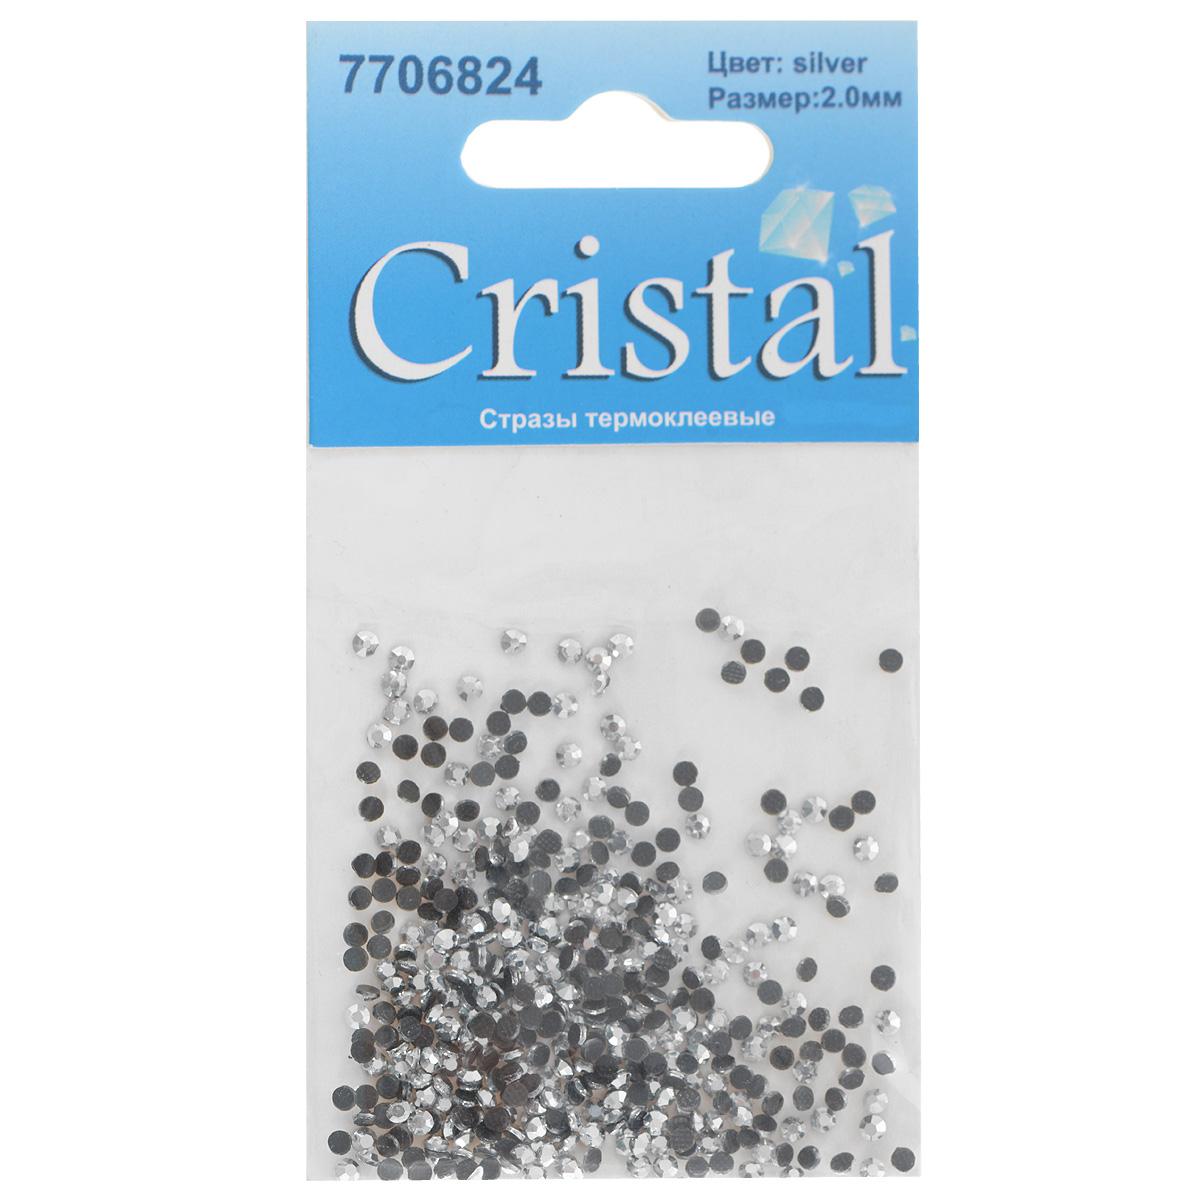 Стразы термоклеевые Cristal, цвет: серебристый, диаметр 2 мм, 432 шт7706824_сереброНабор термоклеевых страз Cristal, изготовленный из высококачественного акрила, позволит вам украсить одежду, аксессуары или текстиль. Яркие стразы имеют плоское дно и круглую поверхность с гранями. Дно термоклеевых страз уже обработано особым клеем, который под воздействием высоких температур начинает плавиться, приклеиваясь, таким образом, к требуемой поверхности. Чаще всего их используют в текстильной промышленности: стразы прикладывают к ткани и проглаживают утюгом с обратной стороны. Также можно использовать специальный паяльник. Украшение стразами поможет сделать любую вещь оригинальной и неповторимой. Диаметр страз: 2 мм.